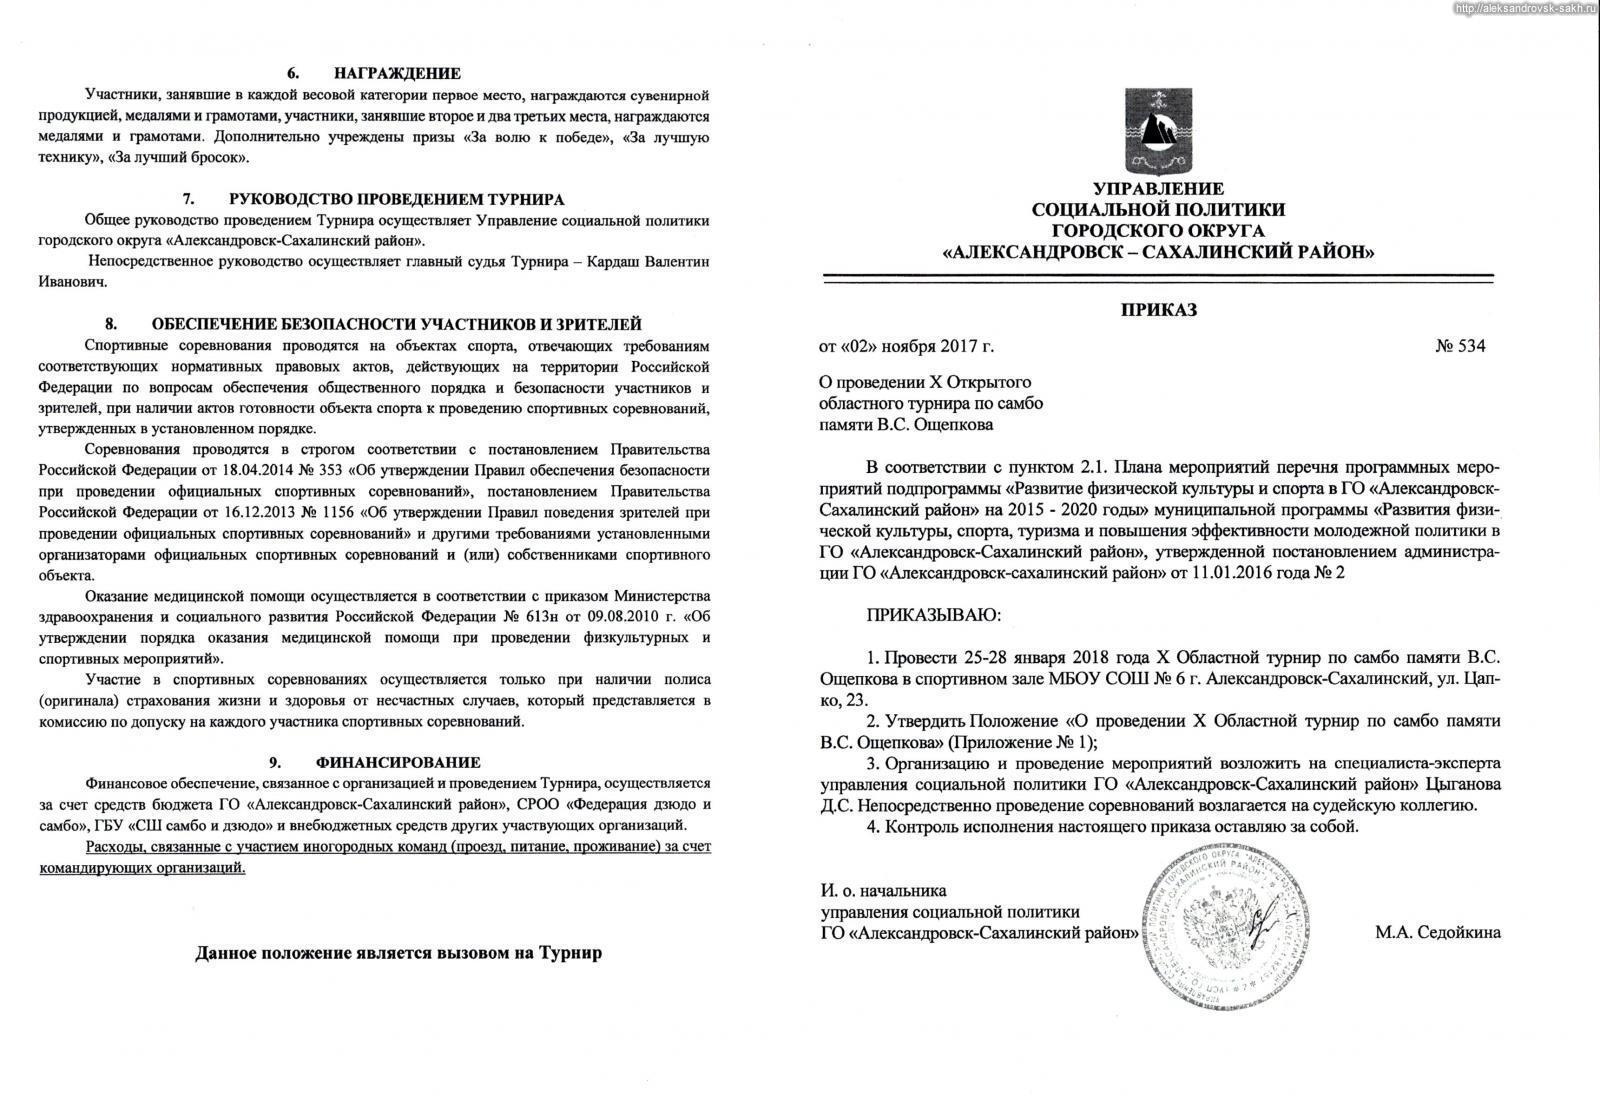 Х юбилейный Открытый областной турнир по самбо памяти В.С.Ощепкова